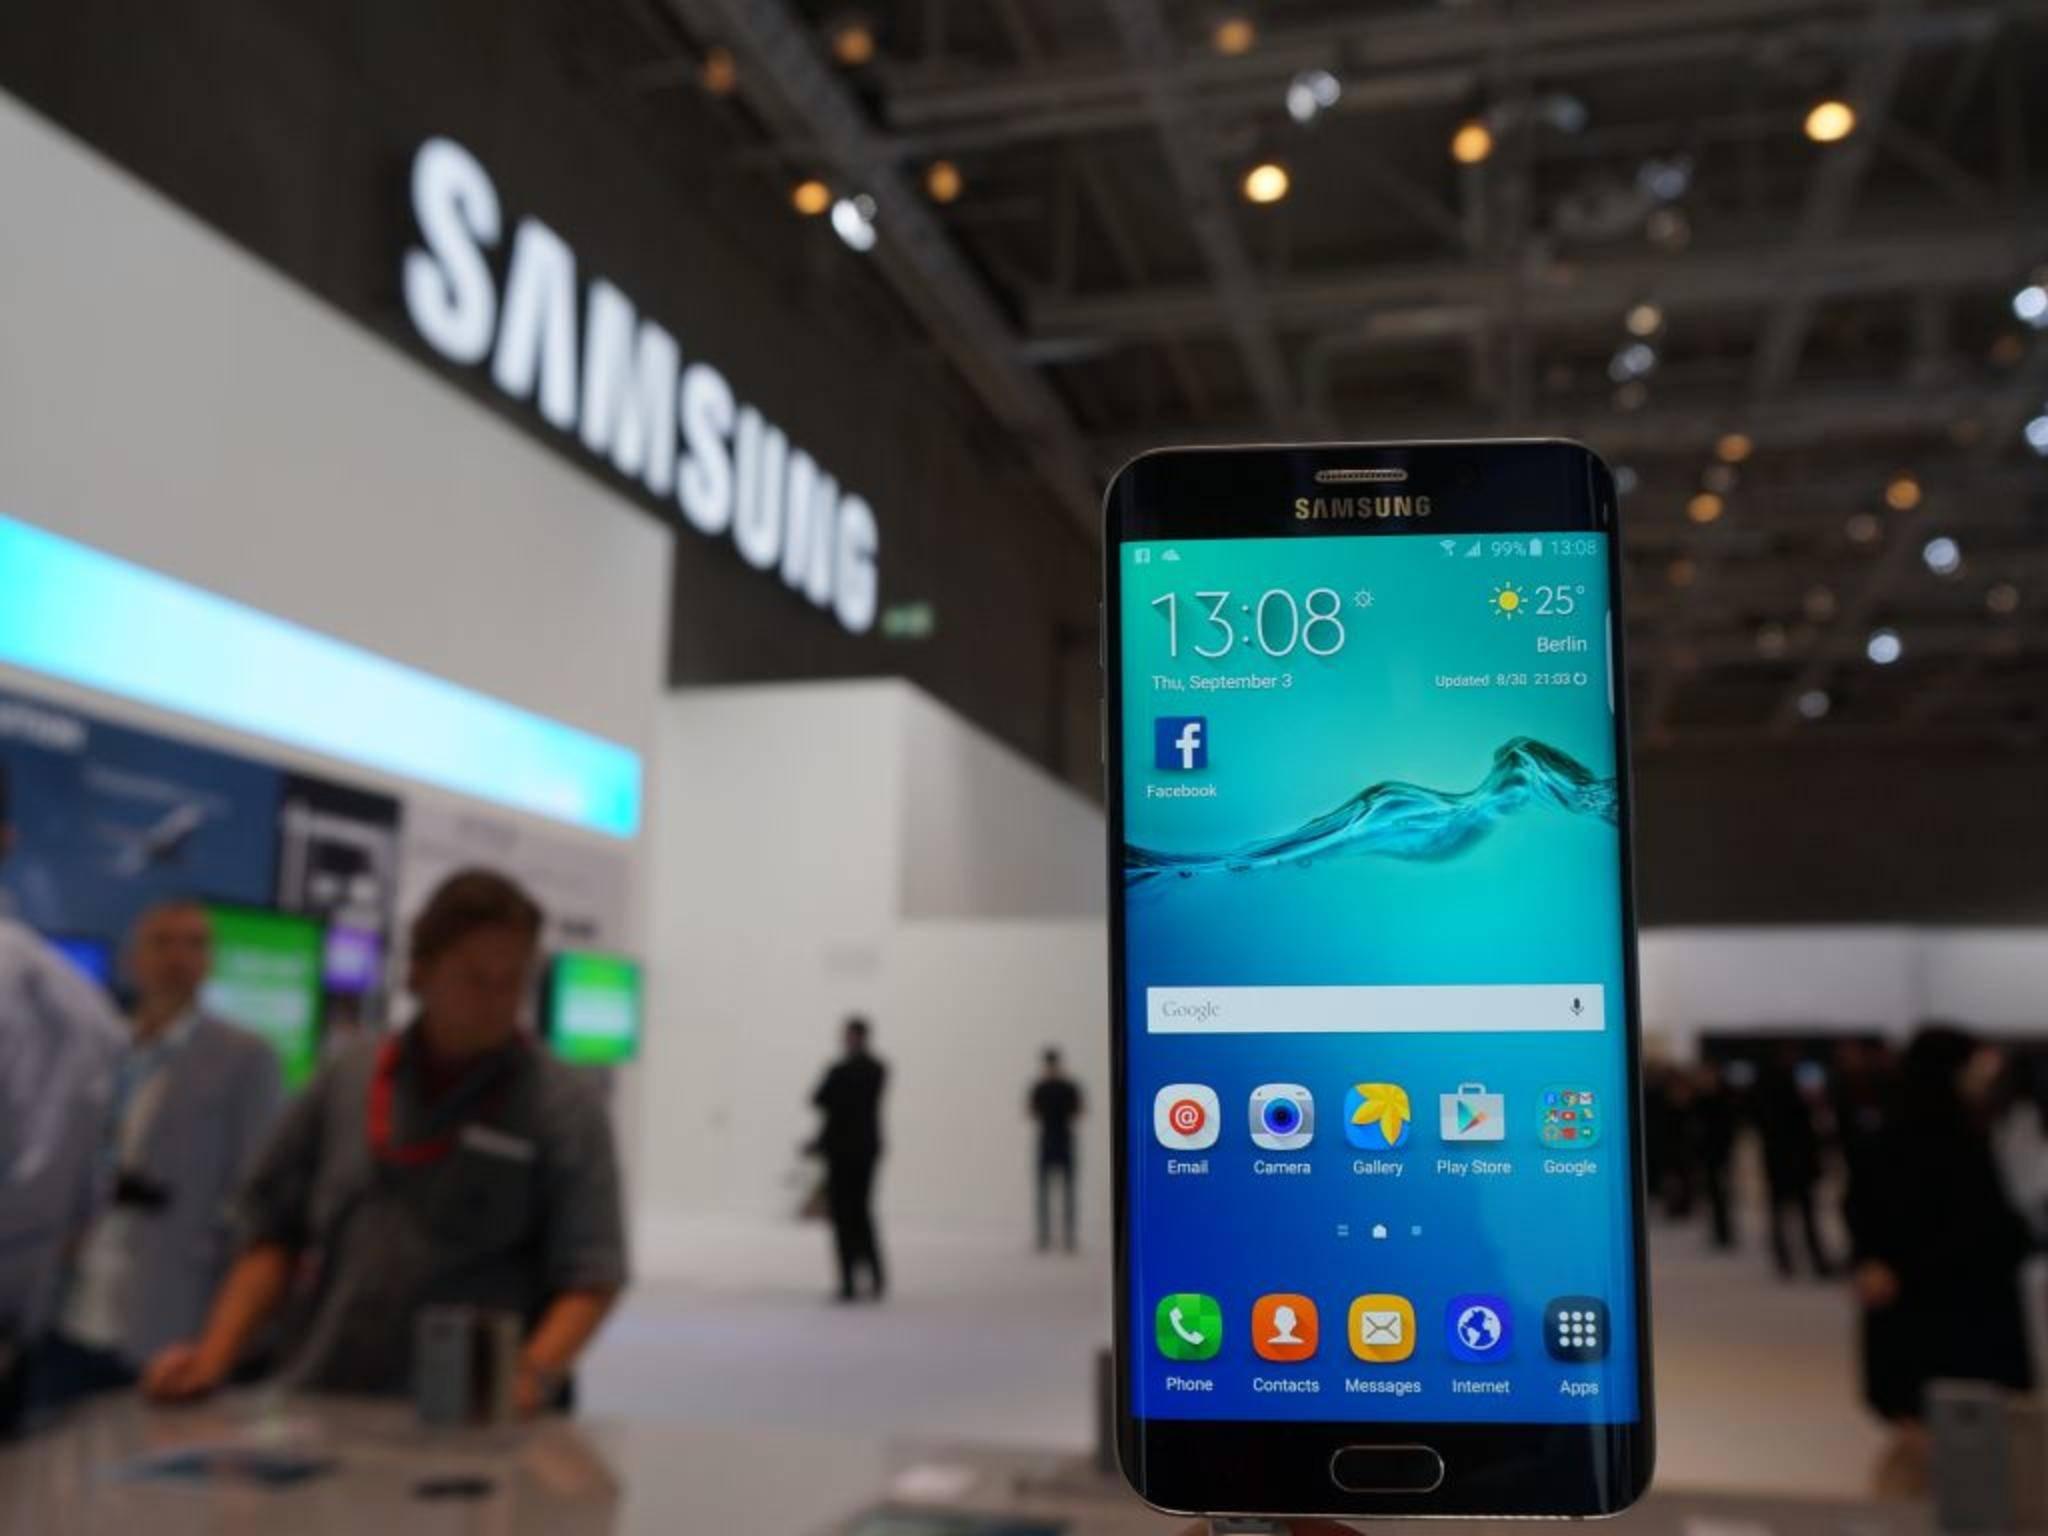 Samsung Galaxy S6 Edge+: Stellen die Koreaner in fünf Jahren noch Smartphones her?